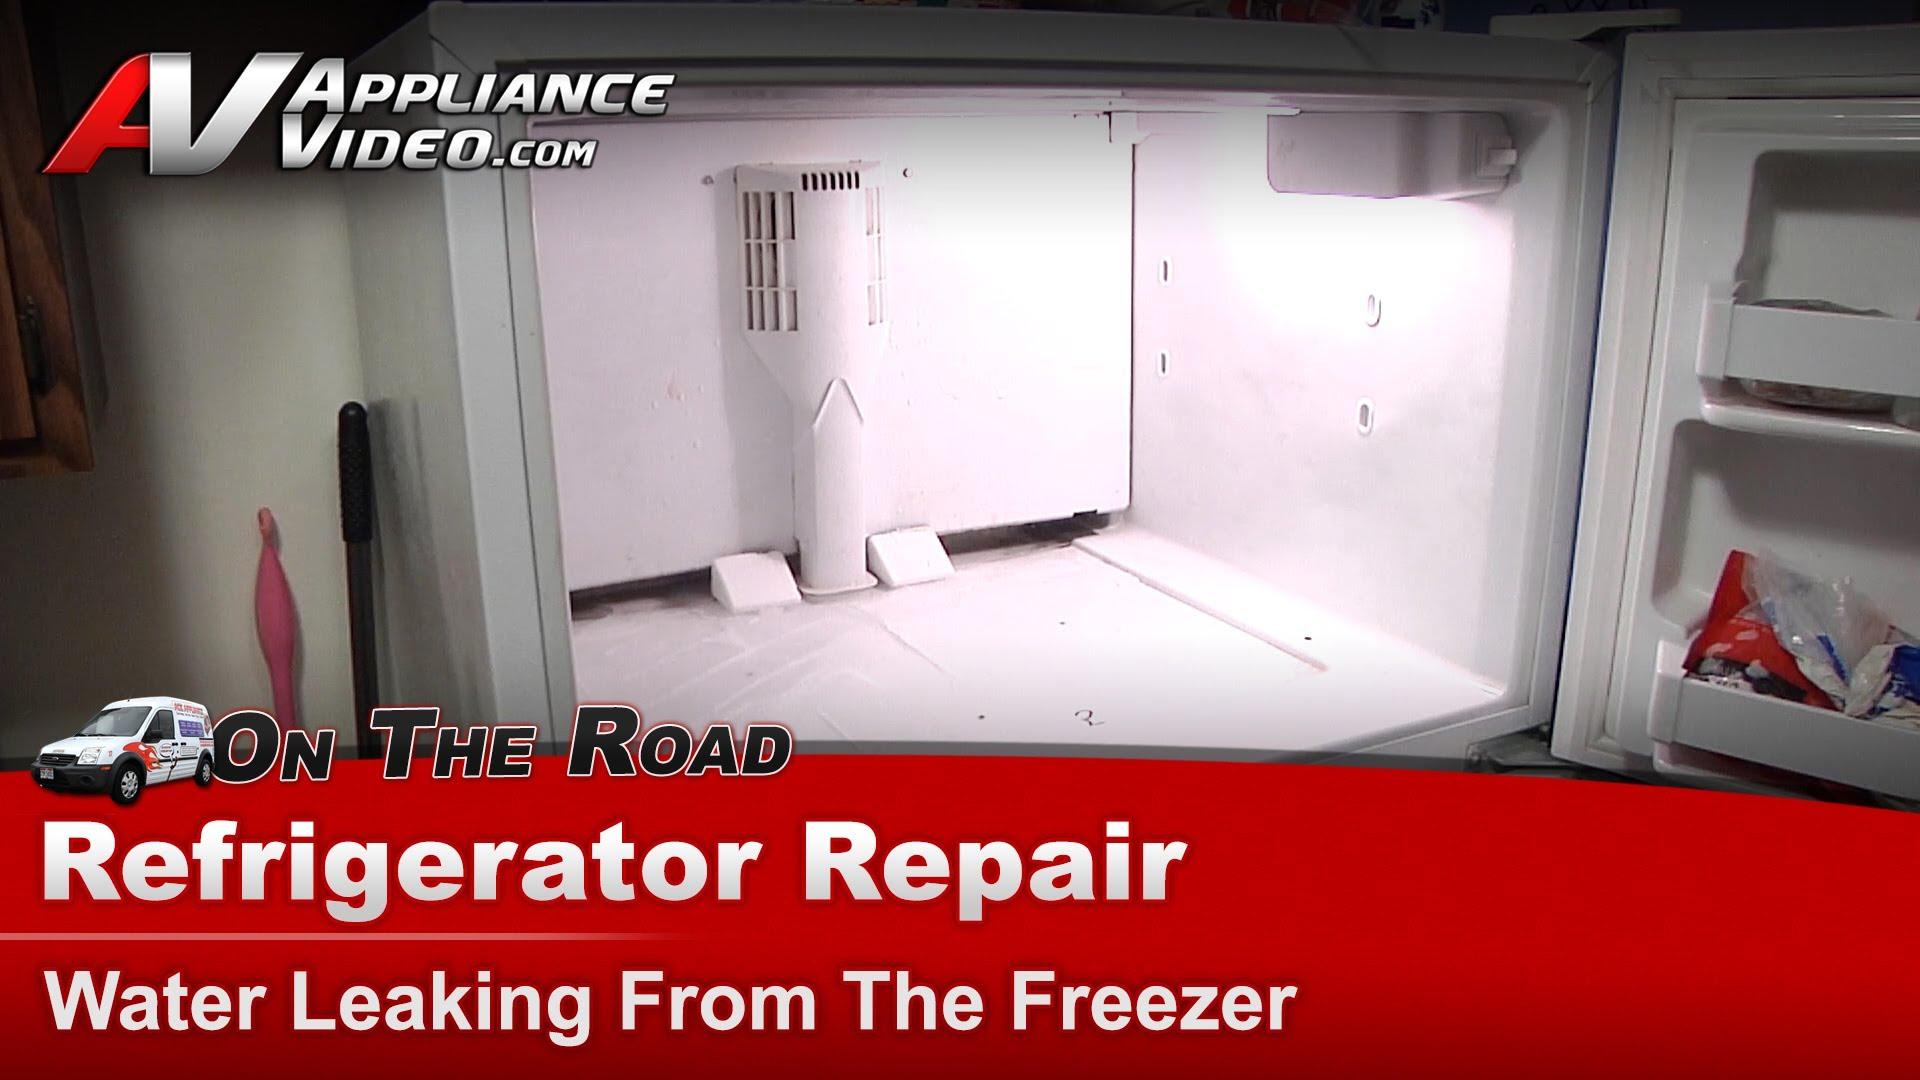 kenmore 10677292790 refrigerator repair  u2013 water leaking from the freezer  u2013 evaporator drain pan